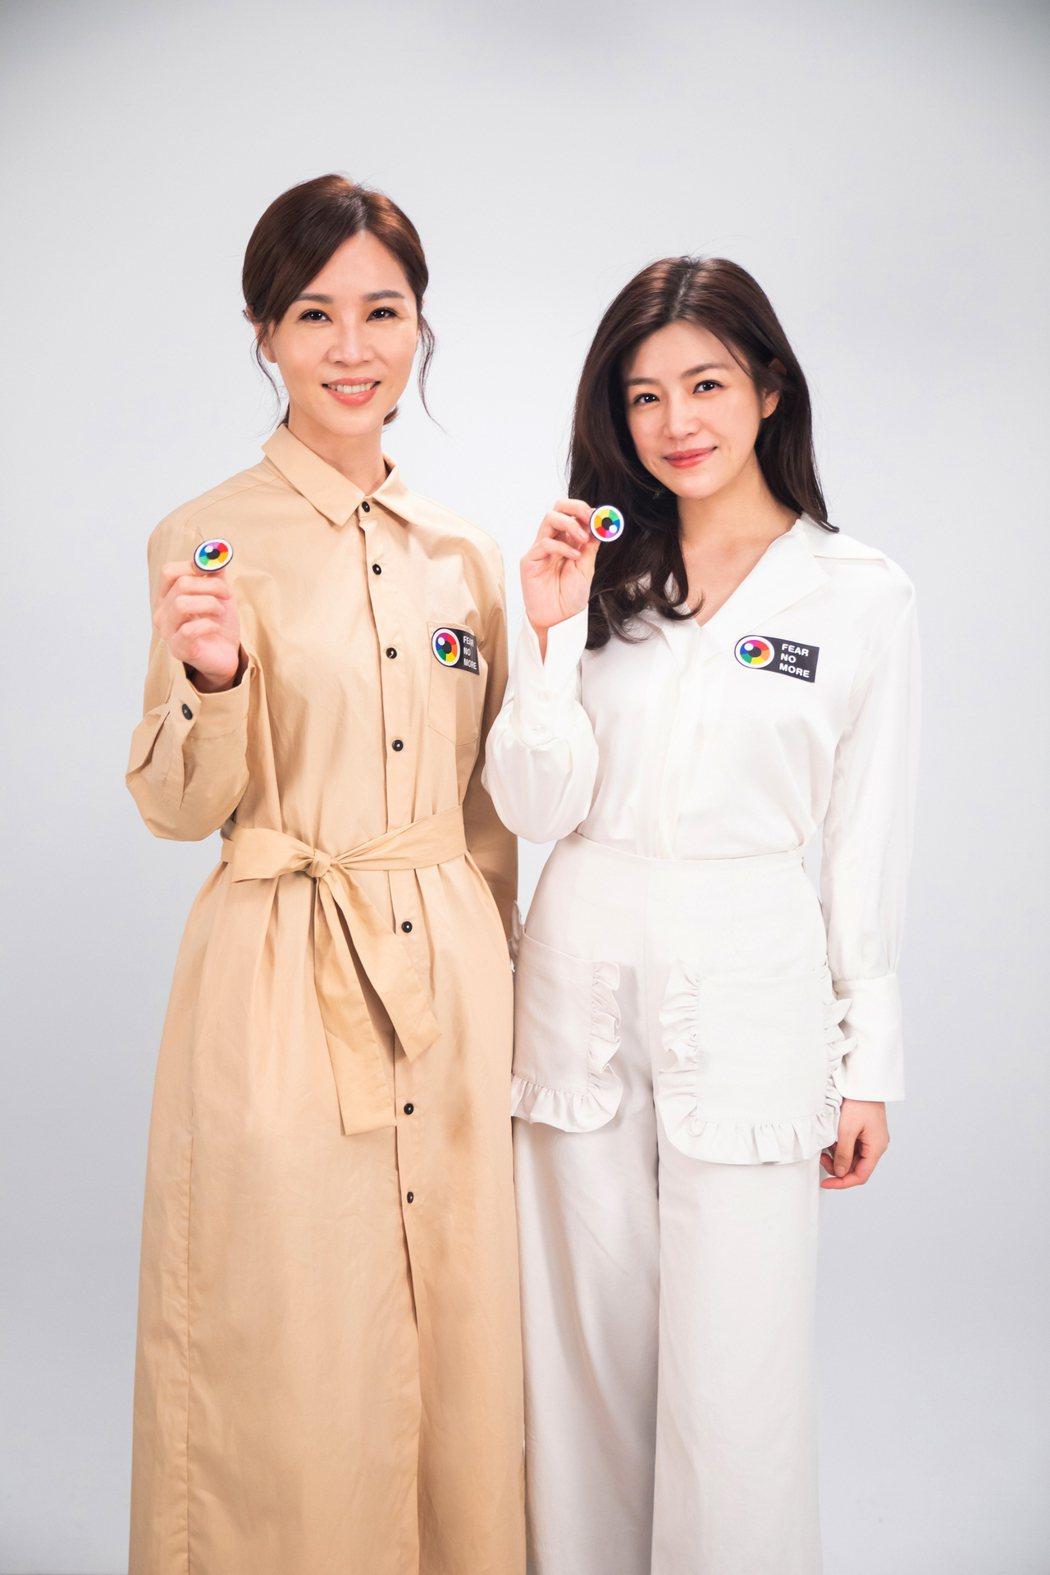 謝盈萱和陳妍希為「同恐不再 反歧視救助計畫」難得合體。圖/愛最大慈善光協會提供